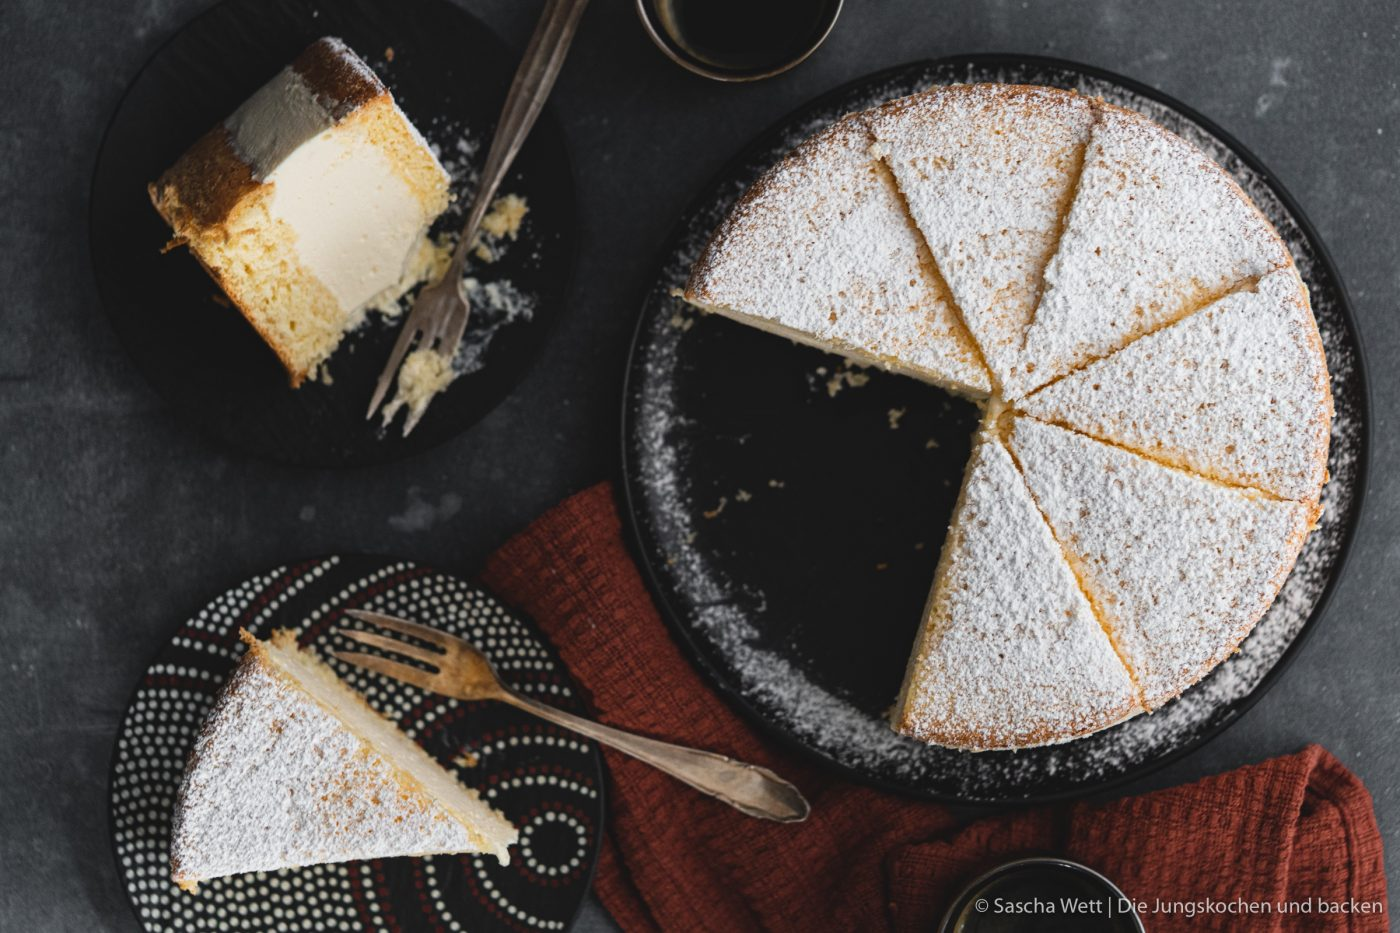 K%C3%A4se Sahne Torte Verpoorten 14 | Wir beide haben schon seit ganz langer Zeit vor, eine für uns ganz besondere Torte selber einmal zuzubereiten. Die Käse-Sahne-Torte. Warum etwas ganz Besonderes? Irgendwie hatten unsere beiden Omas eine Vorliebe dafür. Die Käse-Sahne-Torte kam sowohl bei Oma Lore, als auch bei Saschas Oma Frieda immer wieder auf den Kaffeetisch, wenn sich Gäste angekündigt hatten oder ein Feiertag anstand. Allerdings haben sie den damals nicht so fruchtig verfeinert, wie wir heute.